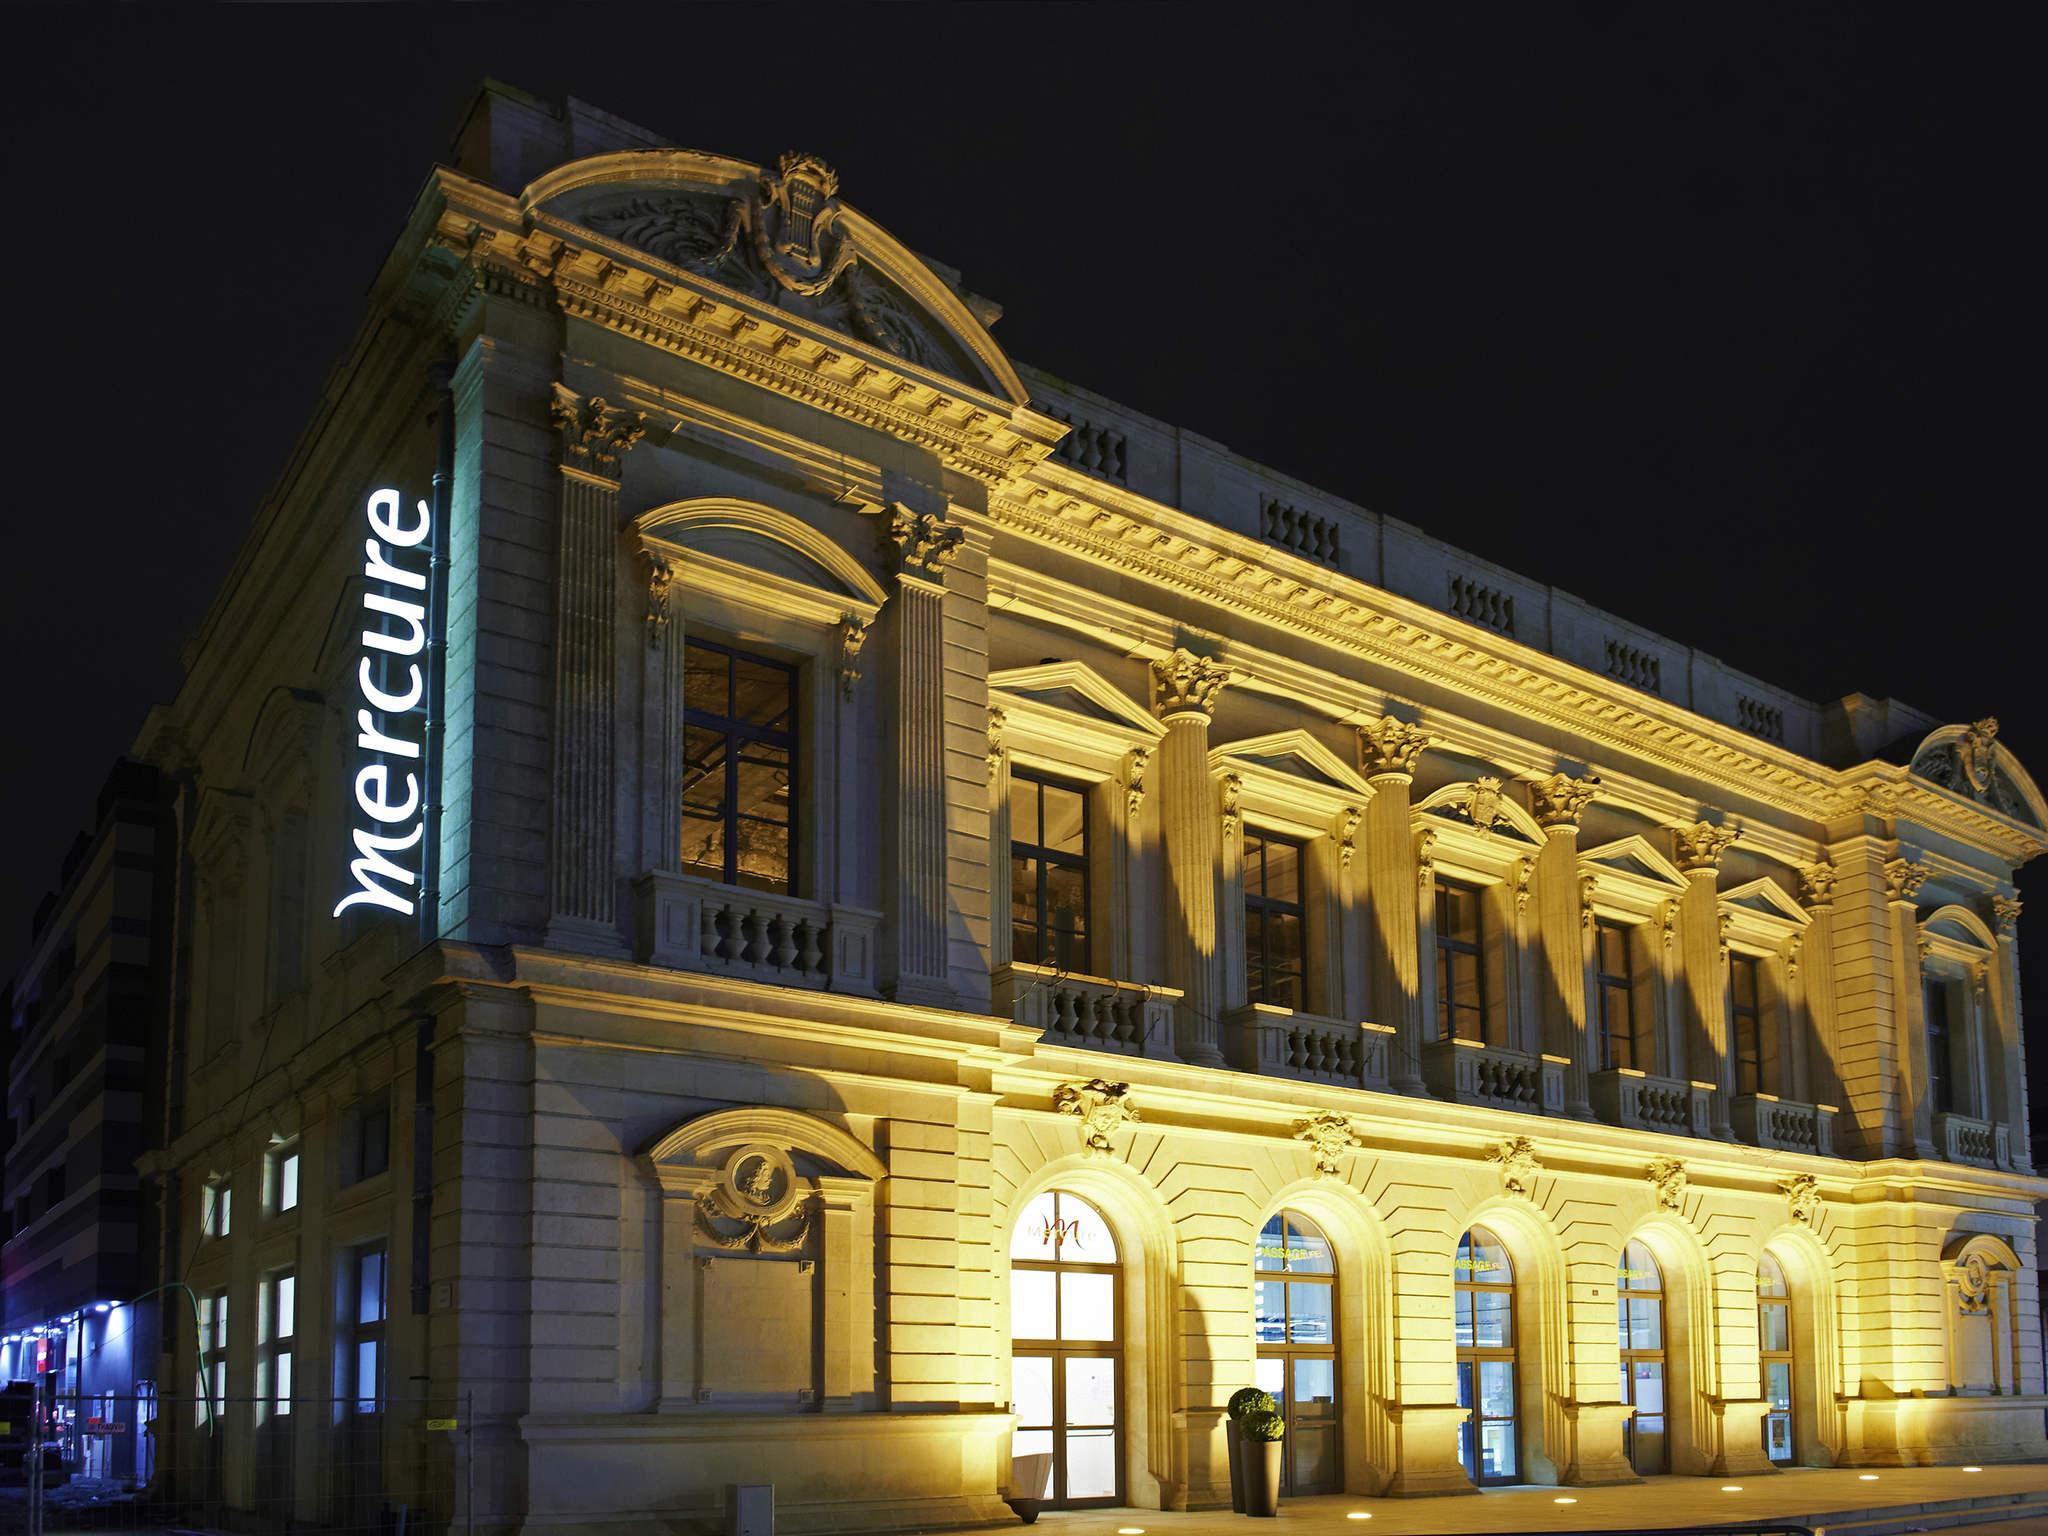 Hotell – Hôtel Mercure Cholet Centre